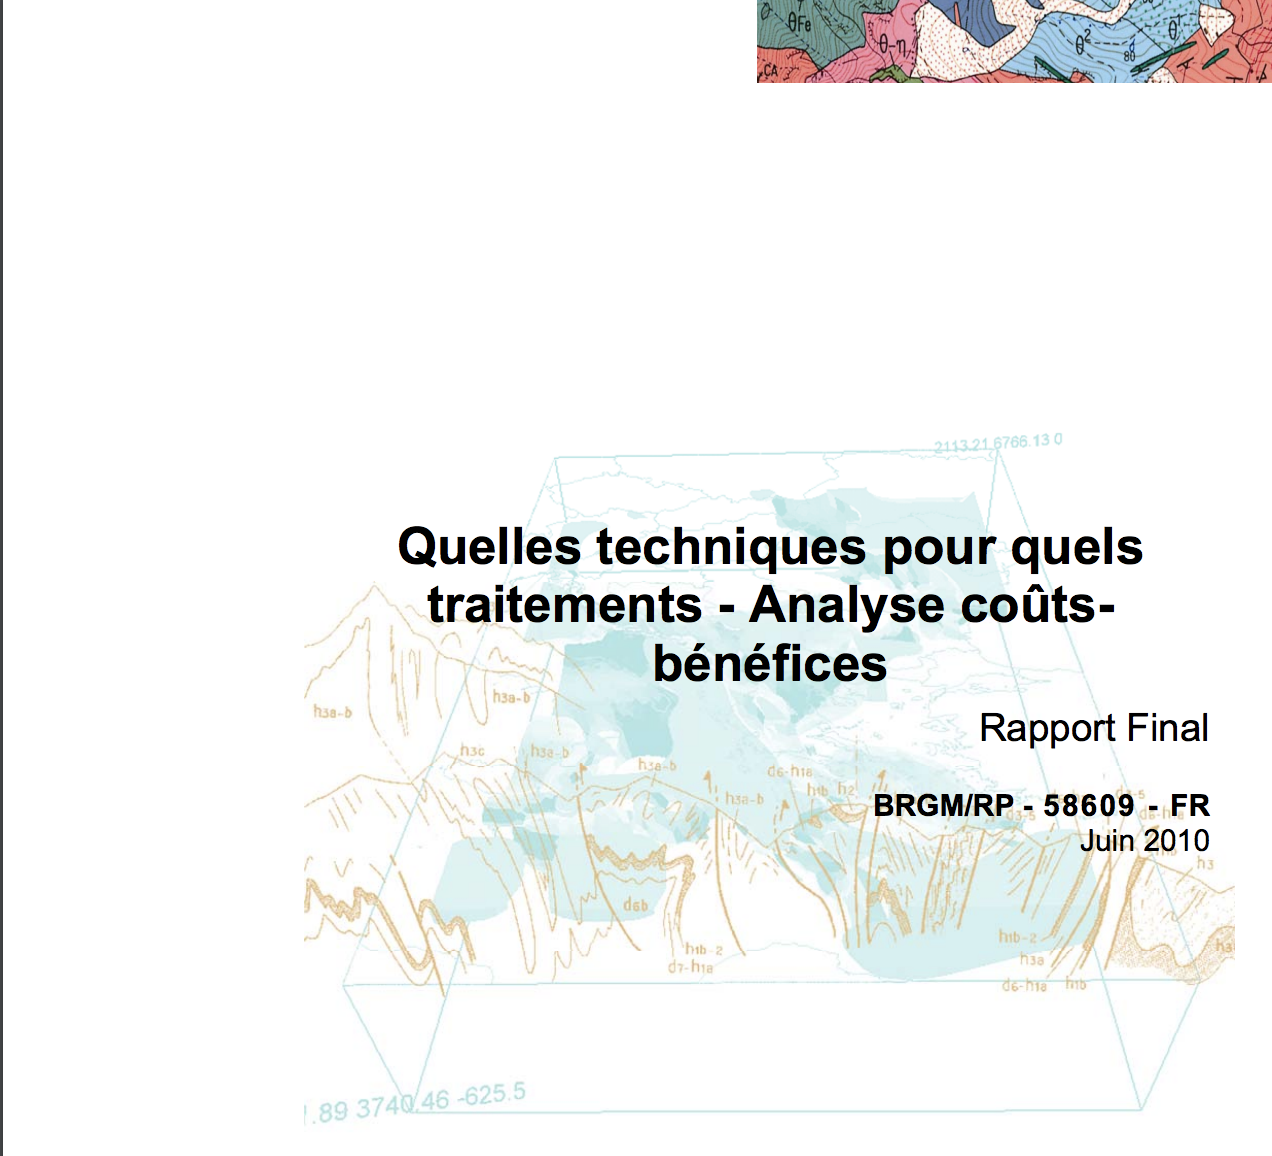 Guide du BRGM Quelles techniques pour quels traitements - Analyses coûts-bénéfices -La version finale, publiée en juin 2010. À télécharger en suivantce lien. - BRGM - 2013